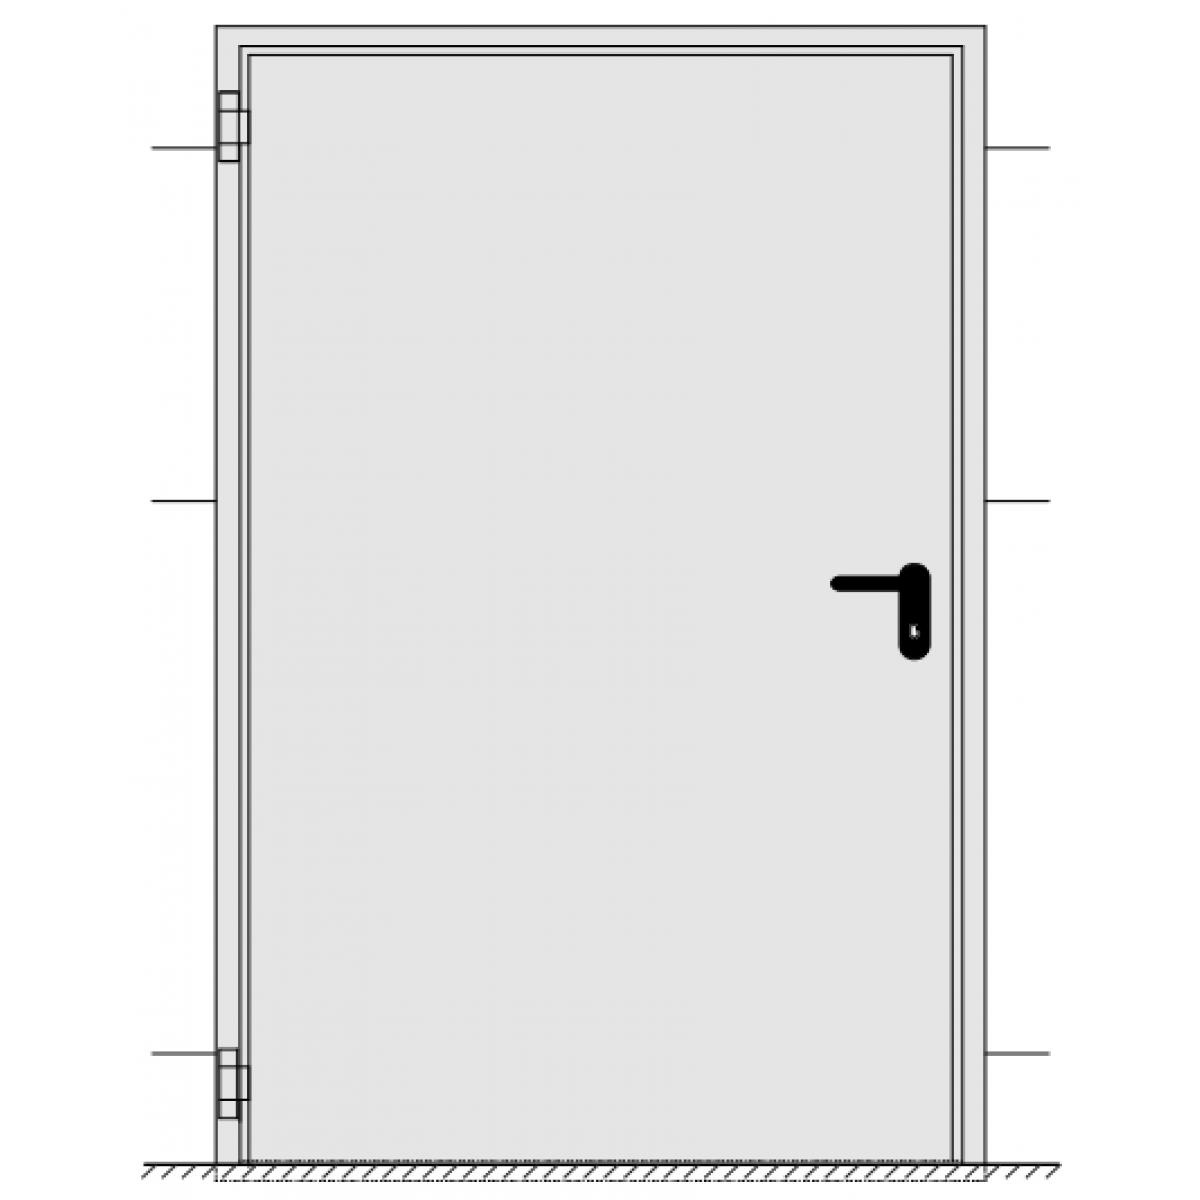 Full Size of Rc 2 Fenster Definition Test Montage Rc2 Ausstattung Anforderungen Fenstergitter Preis Kosten Fenstergriff Beschlag Sichtschutzfolie Einbruchsichere Bett Breit Fenster Rc 2 Fenster